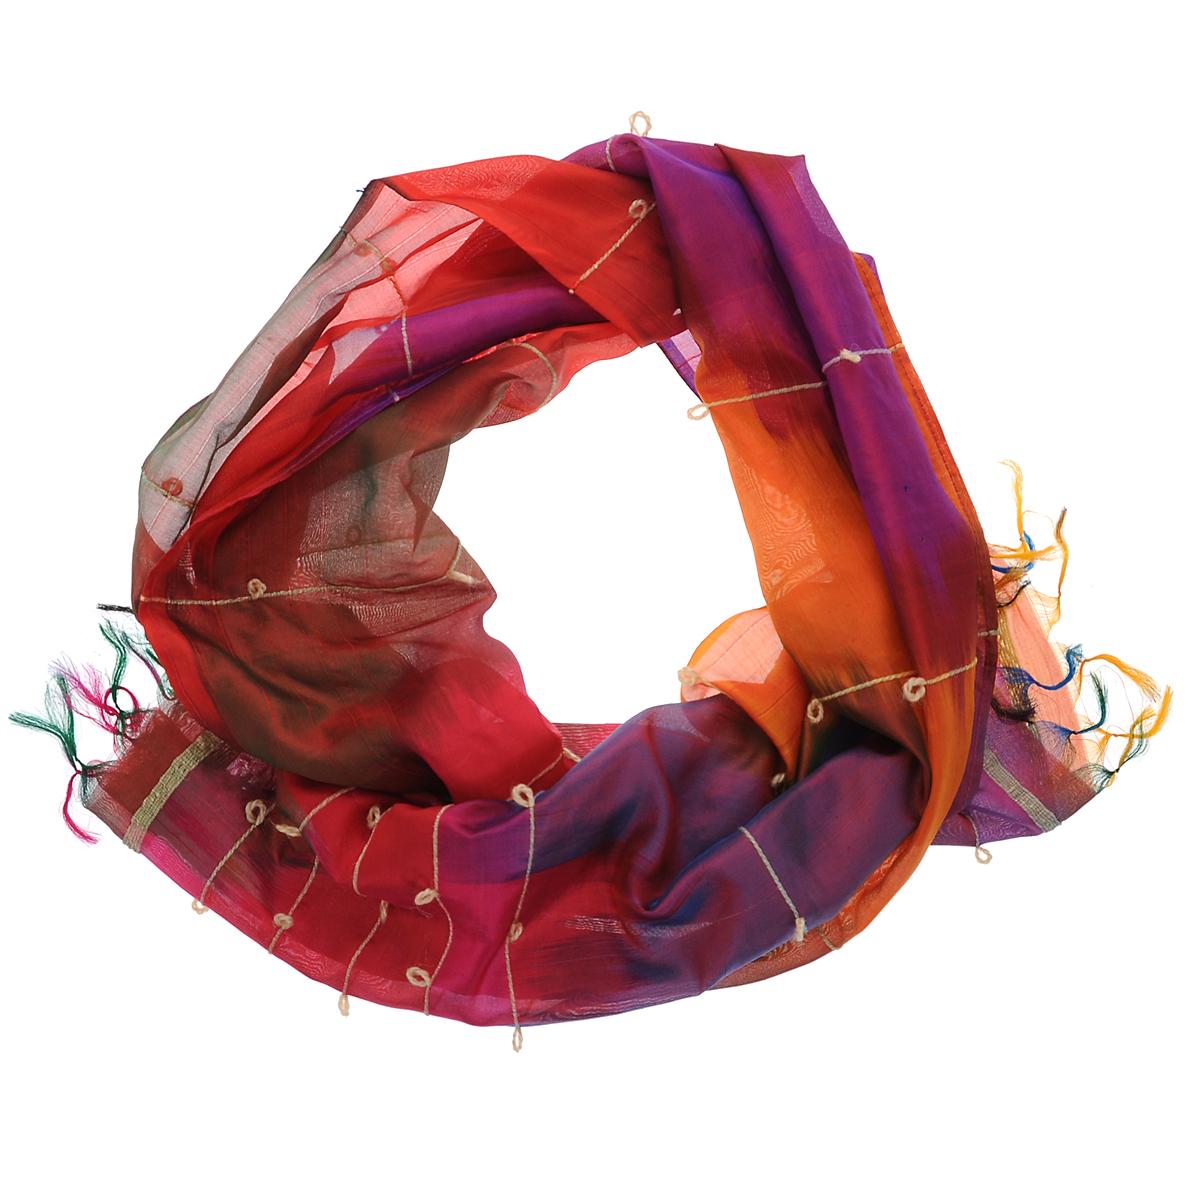 Шарф Ethnica шарф женский ethnica цвет оранжевый бордовый 937350 размер 50 см х 170 см